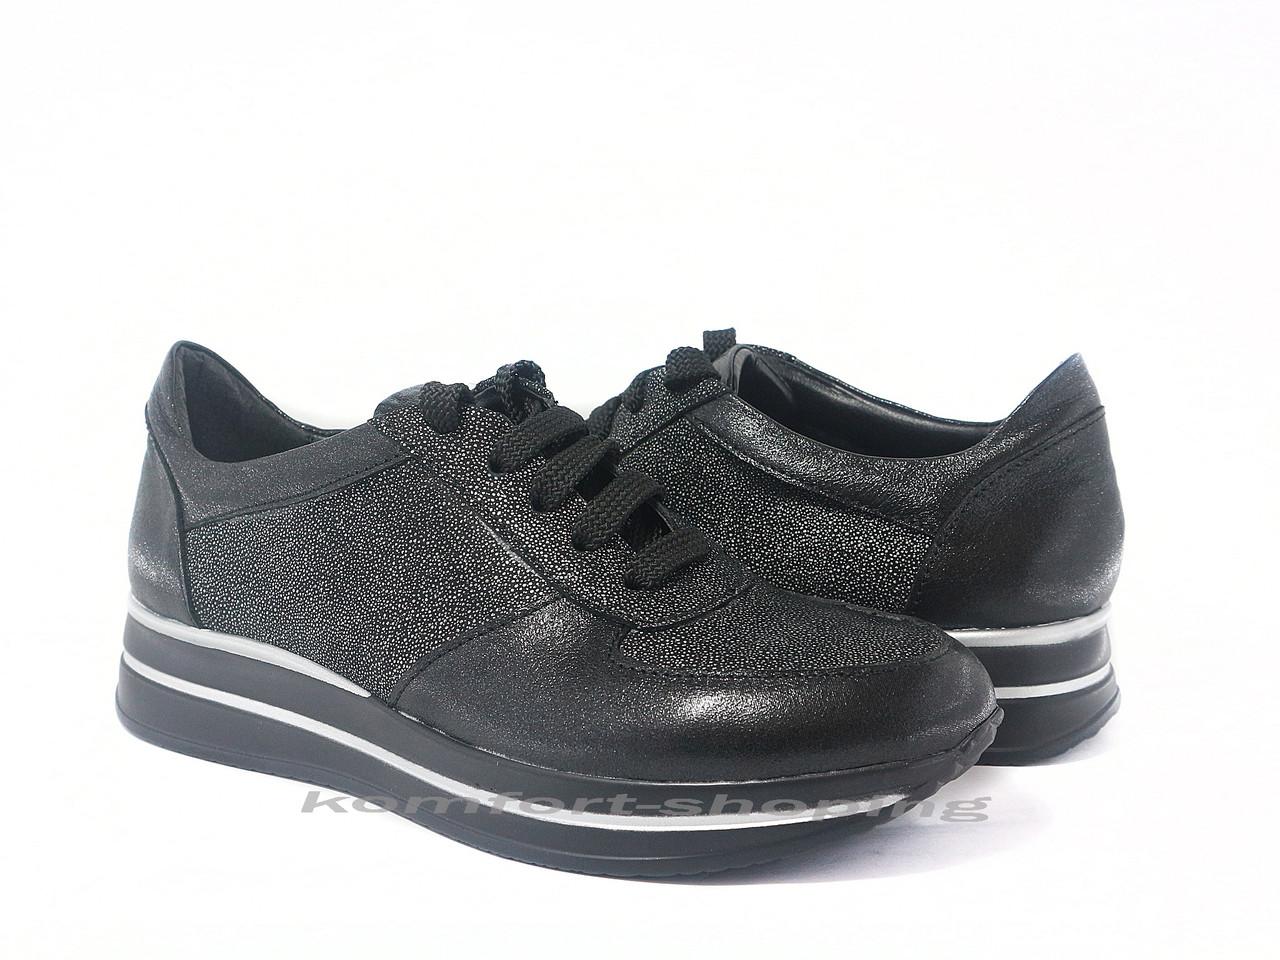 Женские кожаные кроссовки на шнуровке , черные +сербро V 1201